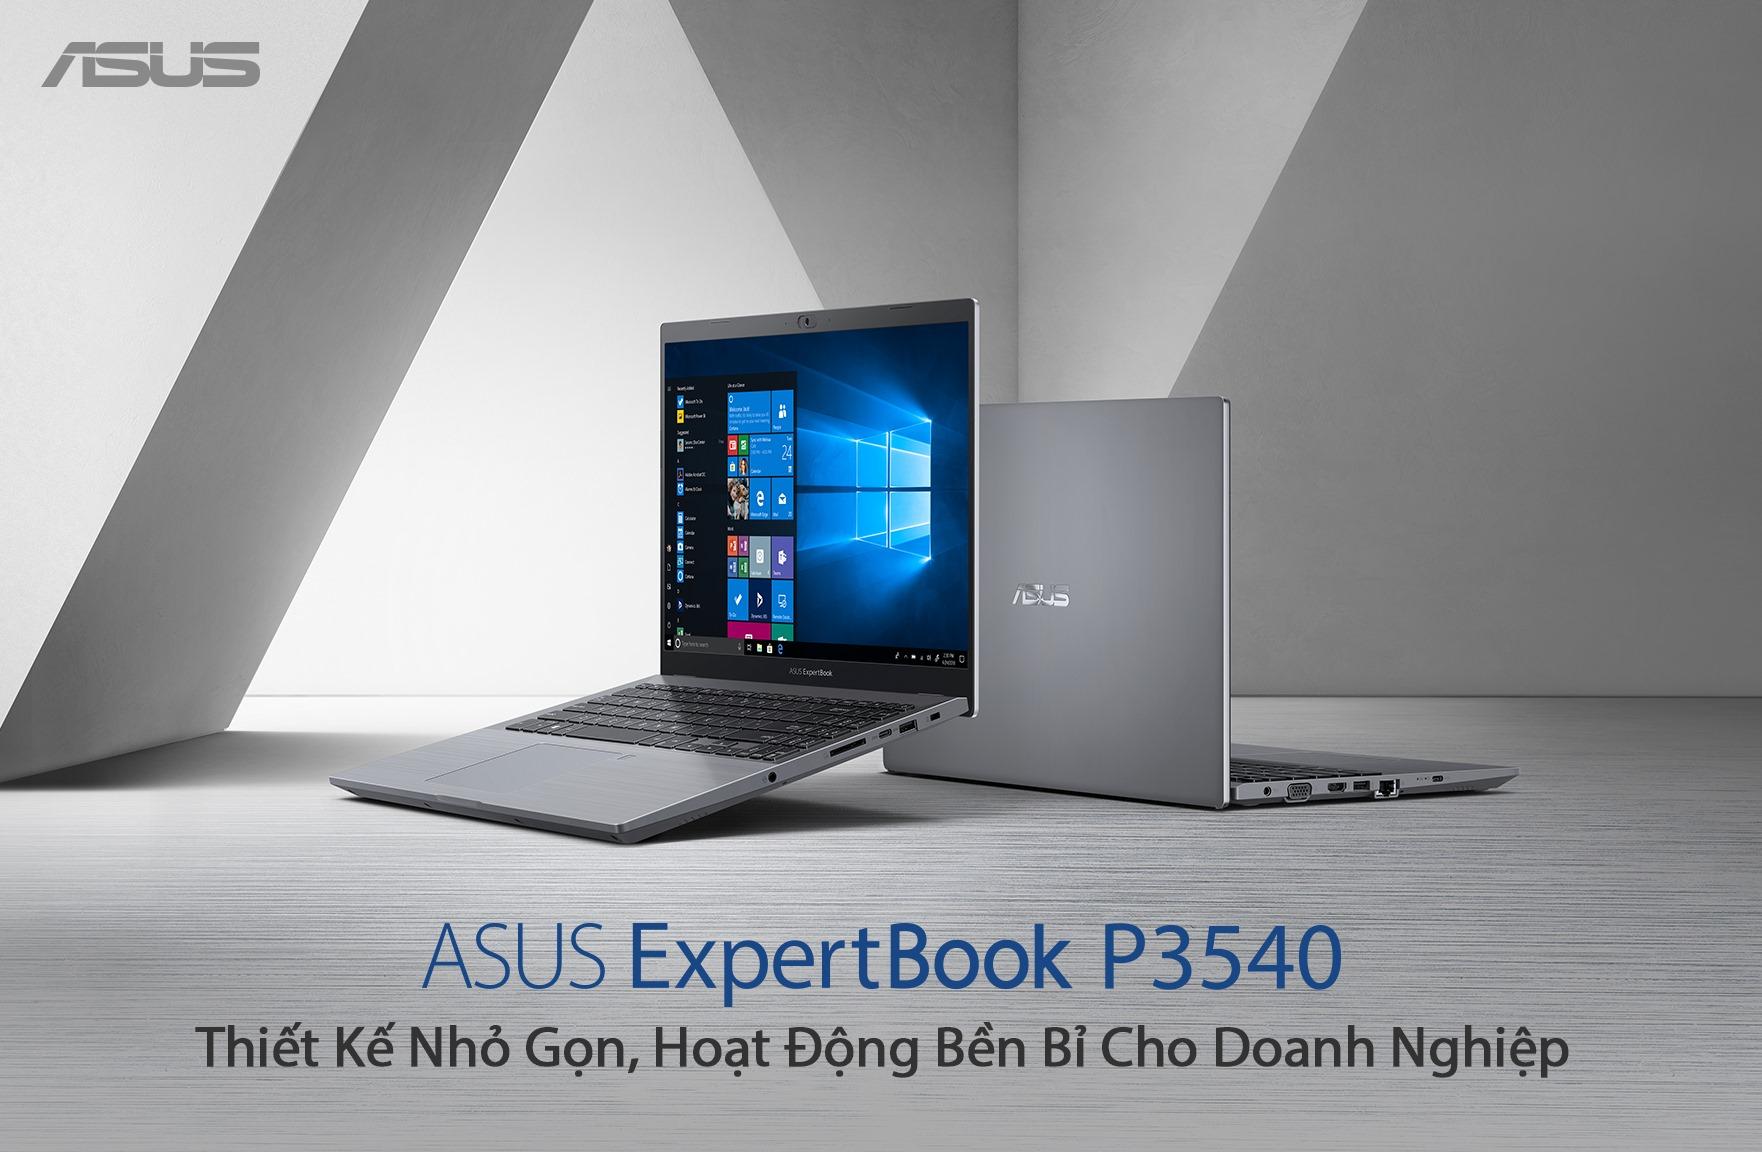 Asus ExpertBook P3540FA - BQ0535T (Grey) | i5-8265U | 8GB RAM | SSD 512GB | VGA Onboard | 15.6 inch FHD | Win10 >>> Deal giá mua, Trả góp 0%